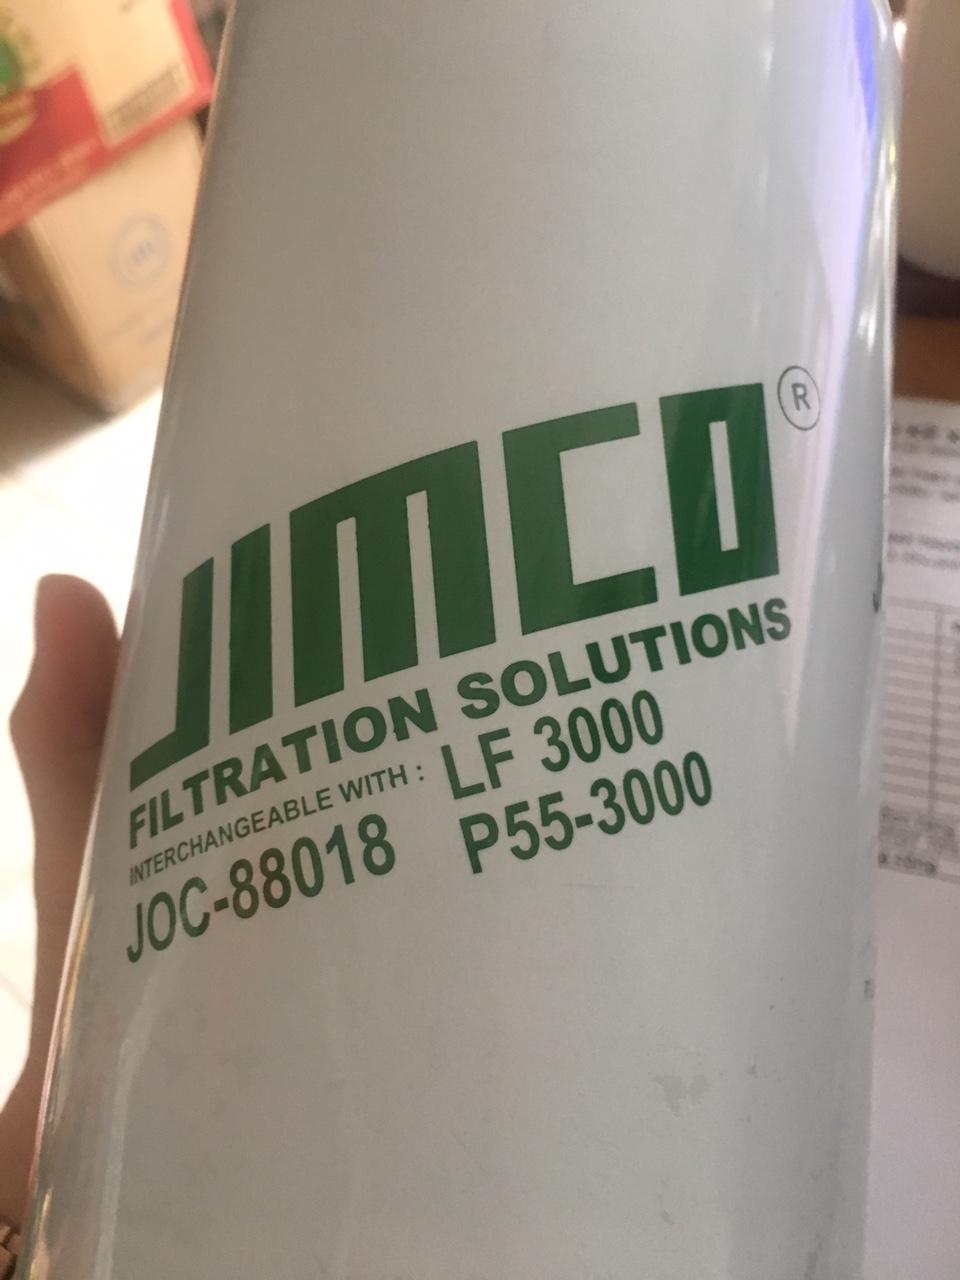 Lọc dầu nhớt P553000 JOC88018 lf3000